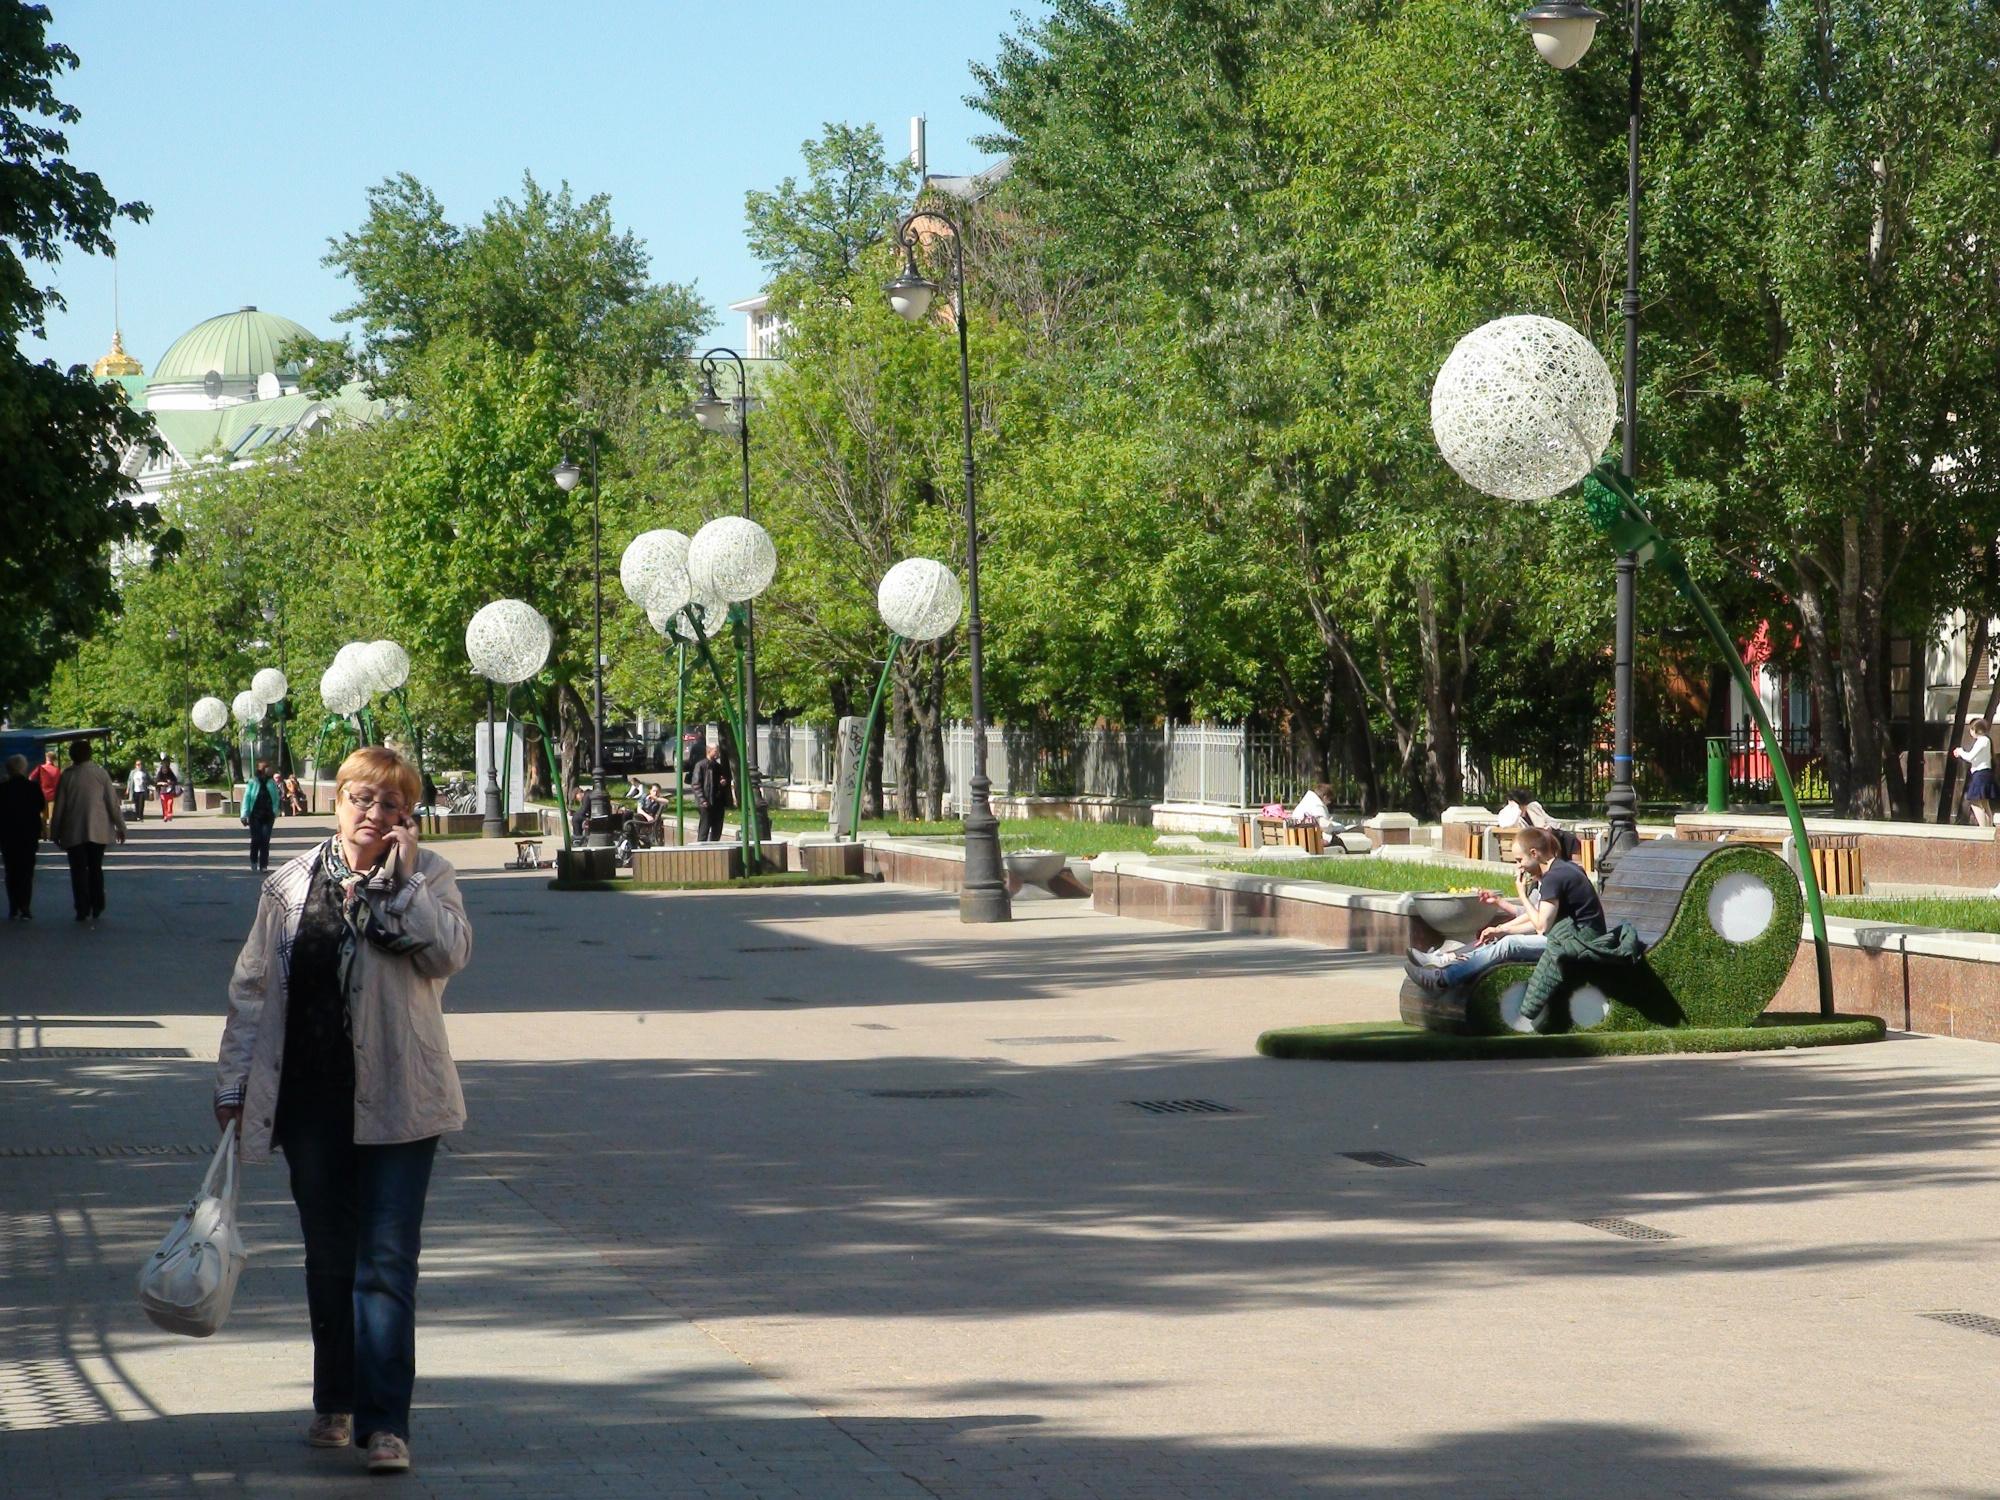 Una transeúnte camina por el Callejón Lavrúshinskiy. Foto: Daria Shuváeva